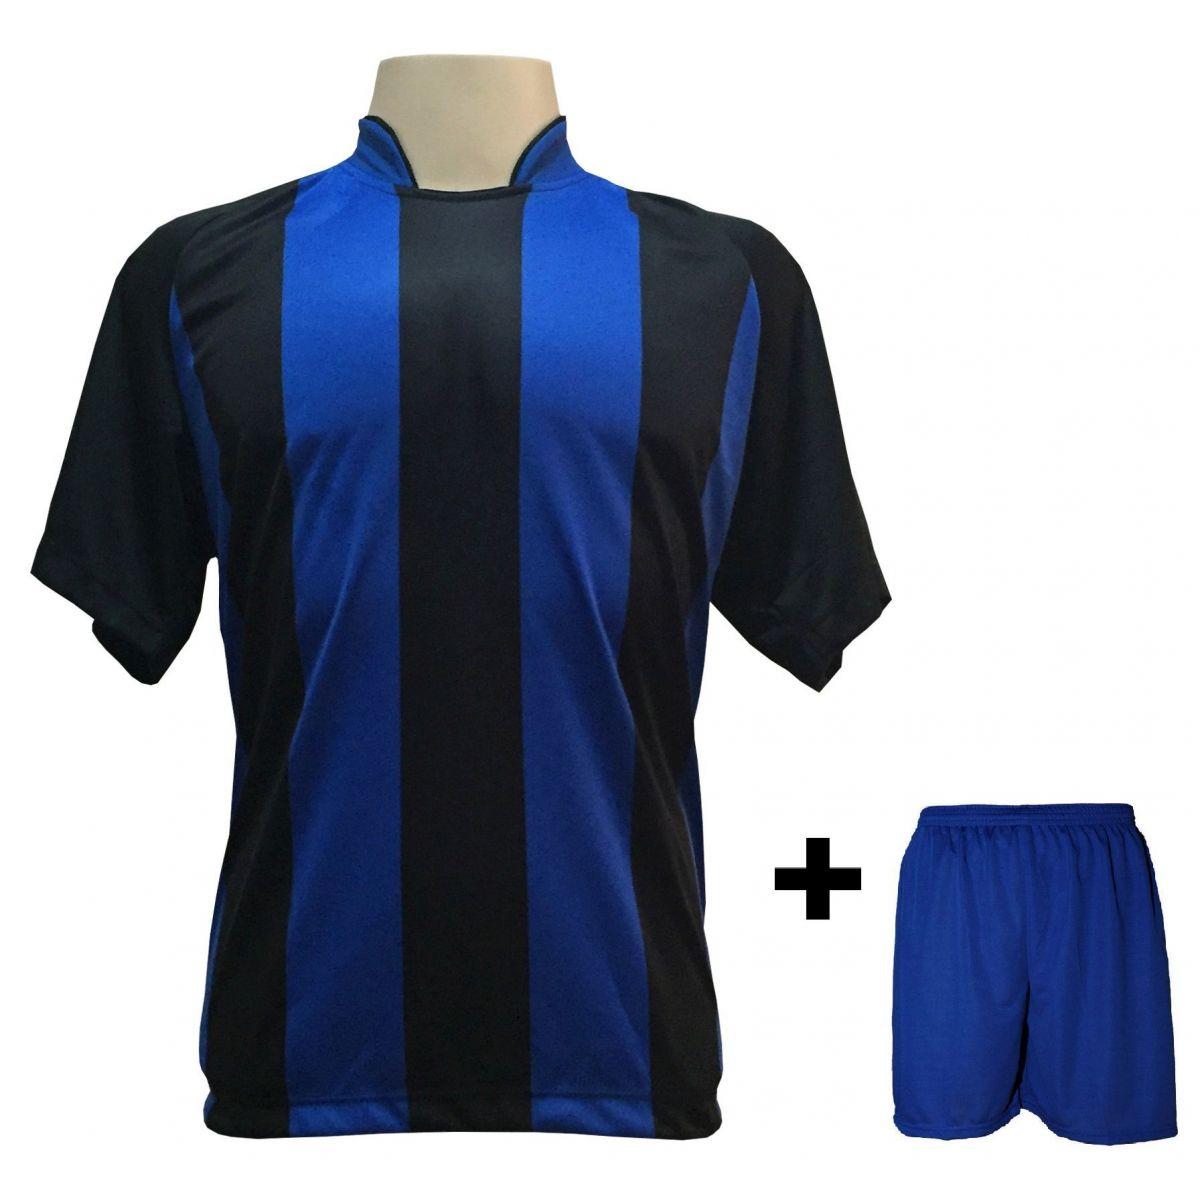 Uniforme Esportivo com 18 Camisas modelo Milan Preto/Royal + 18 Calções modelo Madrid Royal